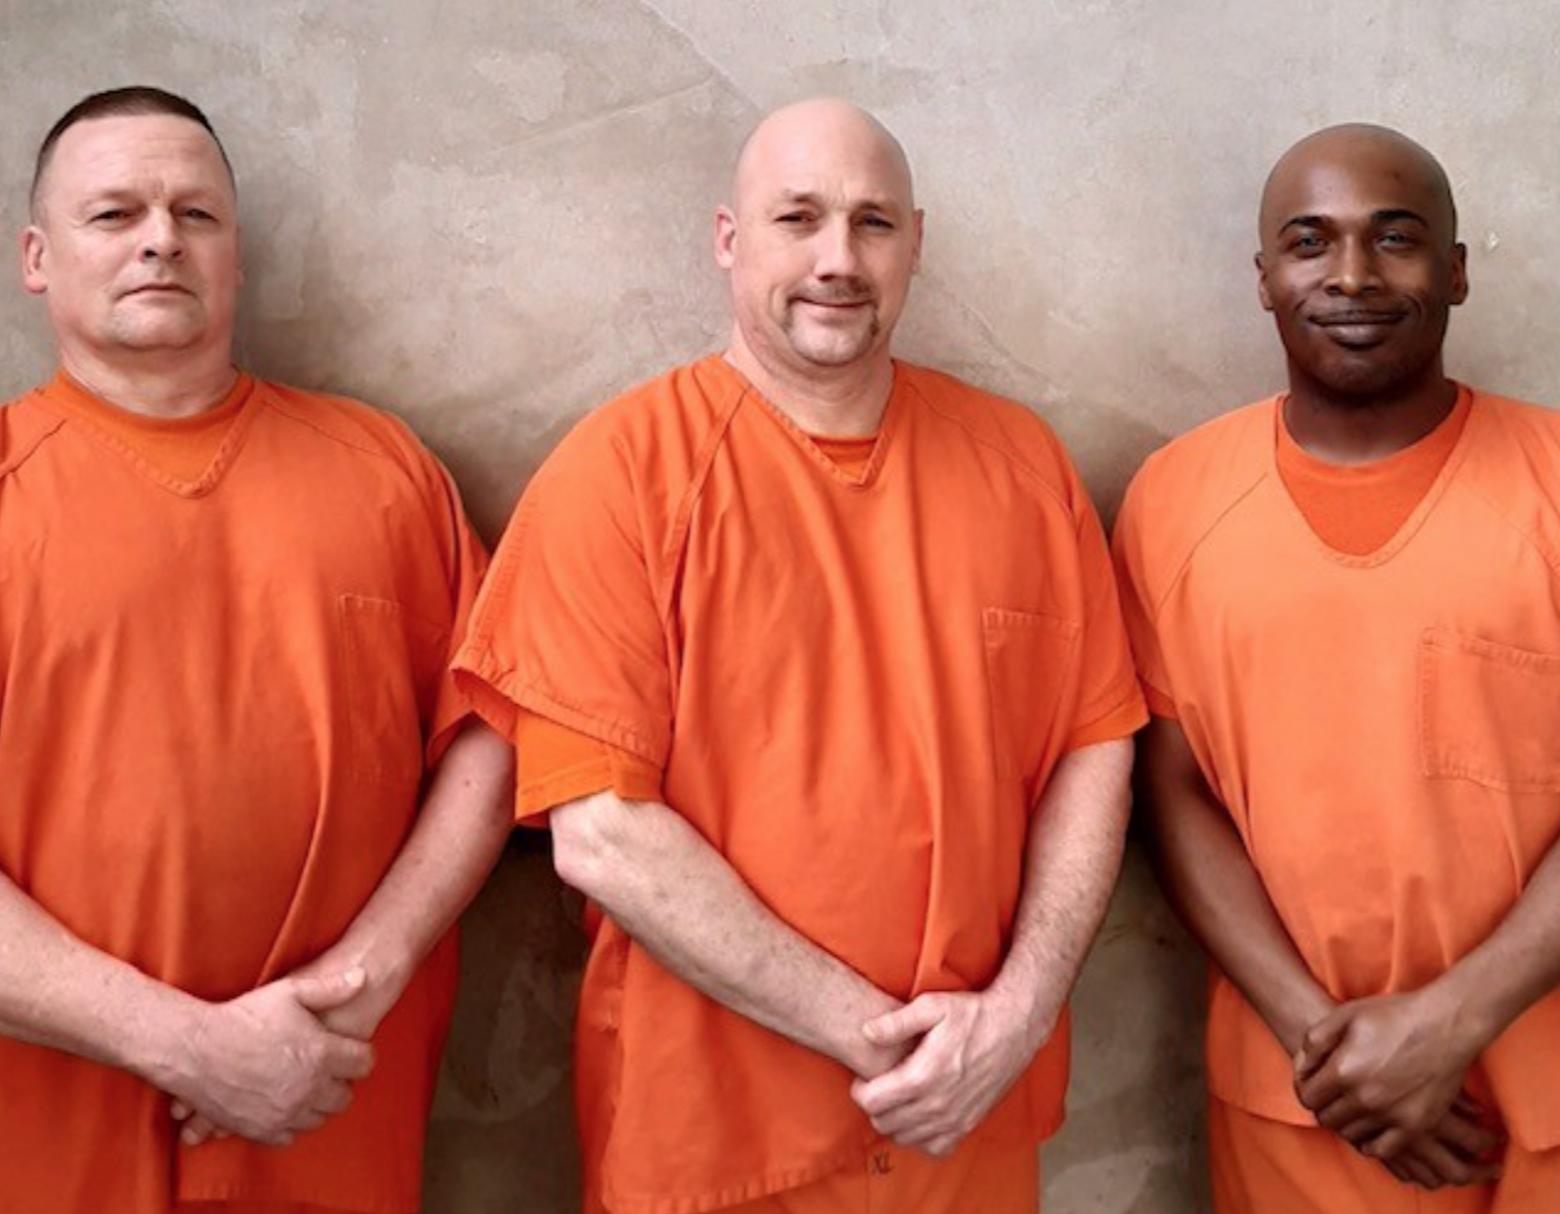 В США заключенные спасли охранника, которому стало плохо на рабочем месте